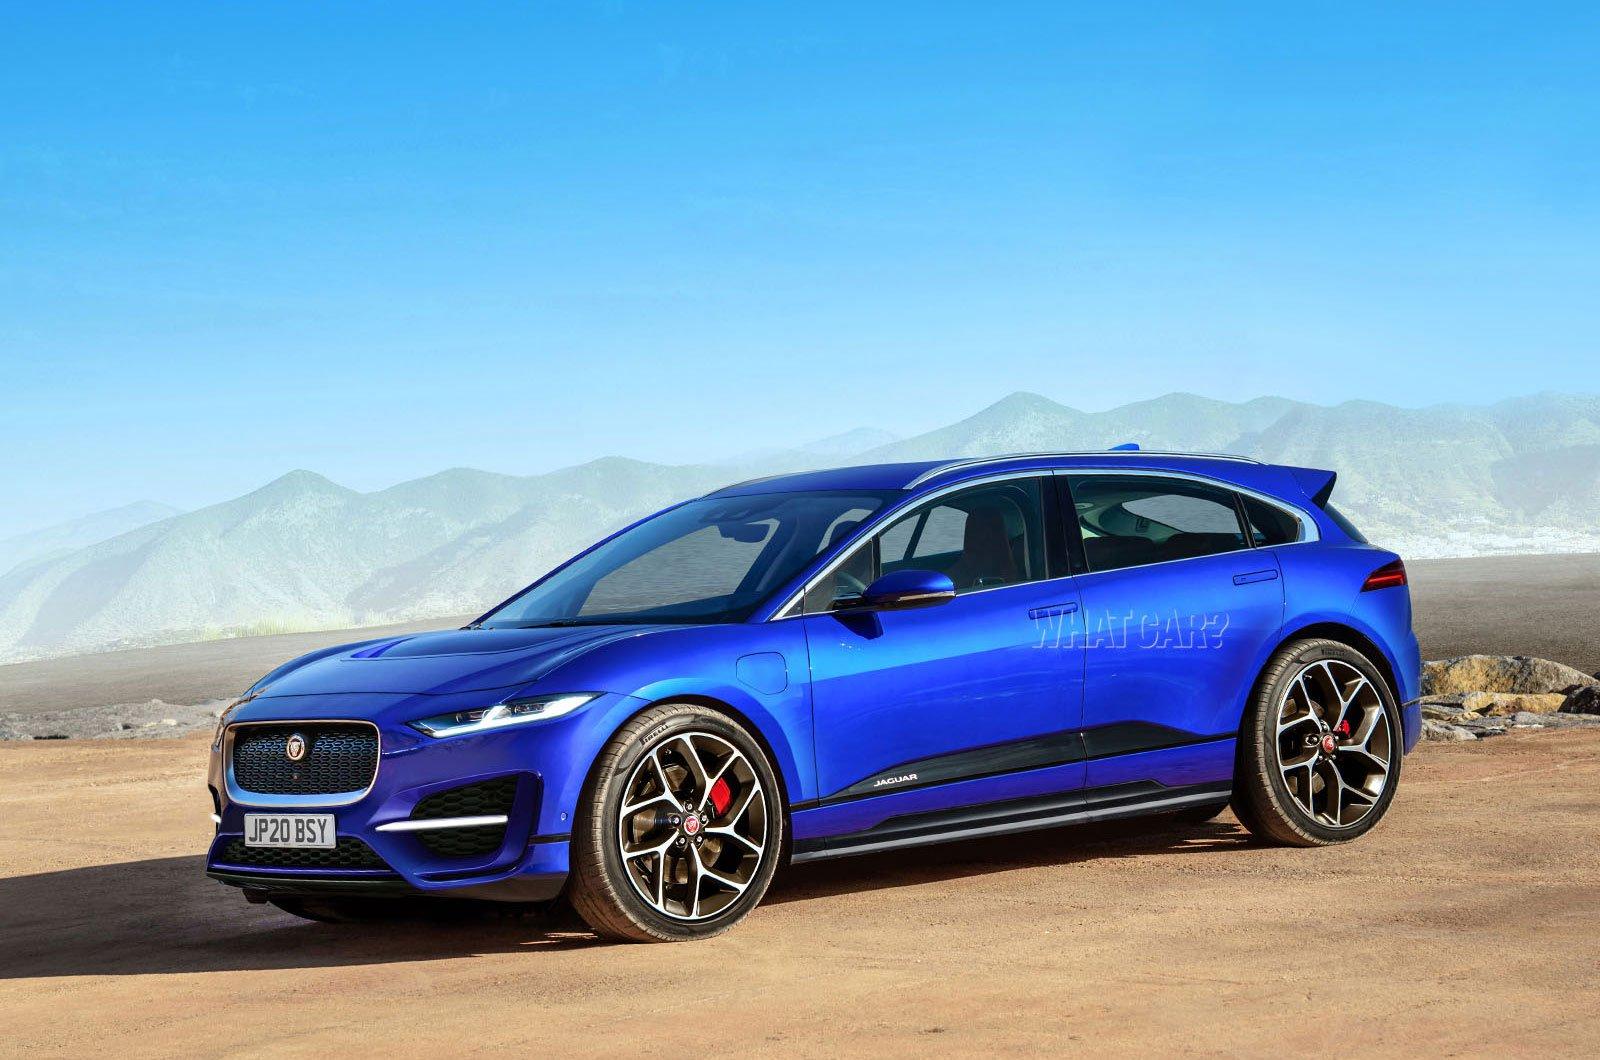 Jaguar J-Pace rendering